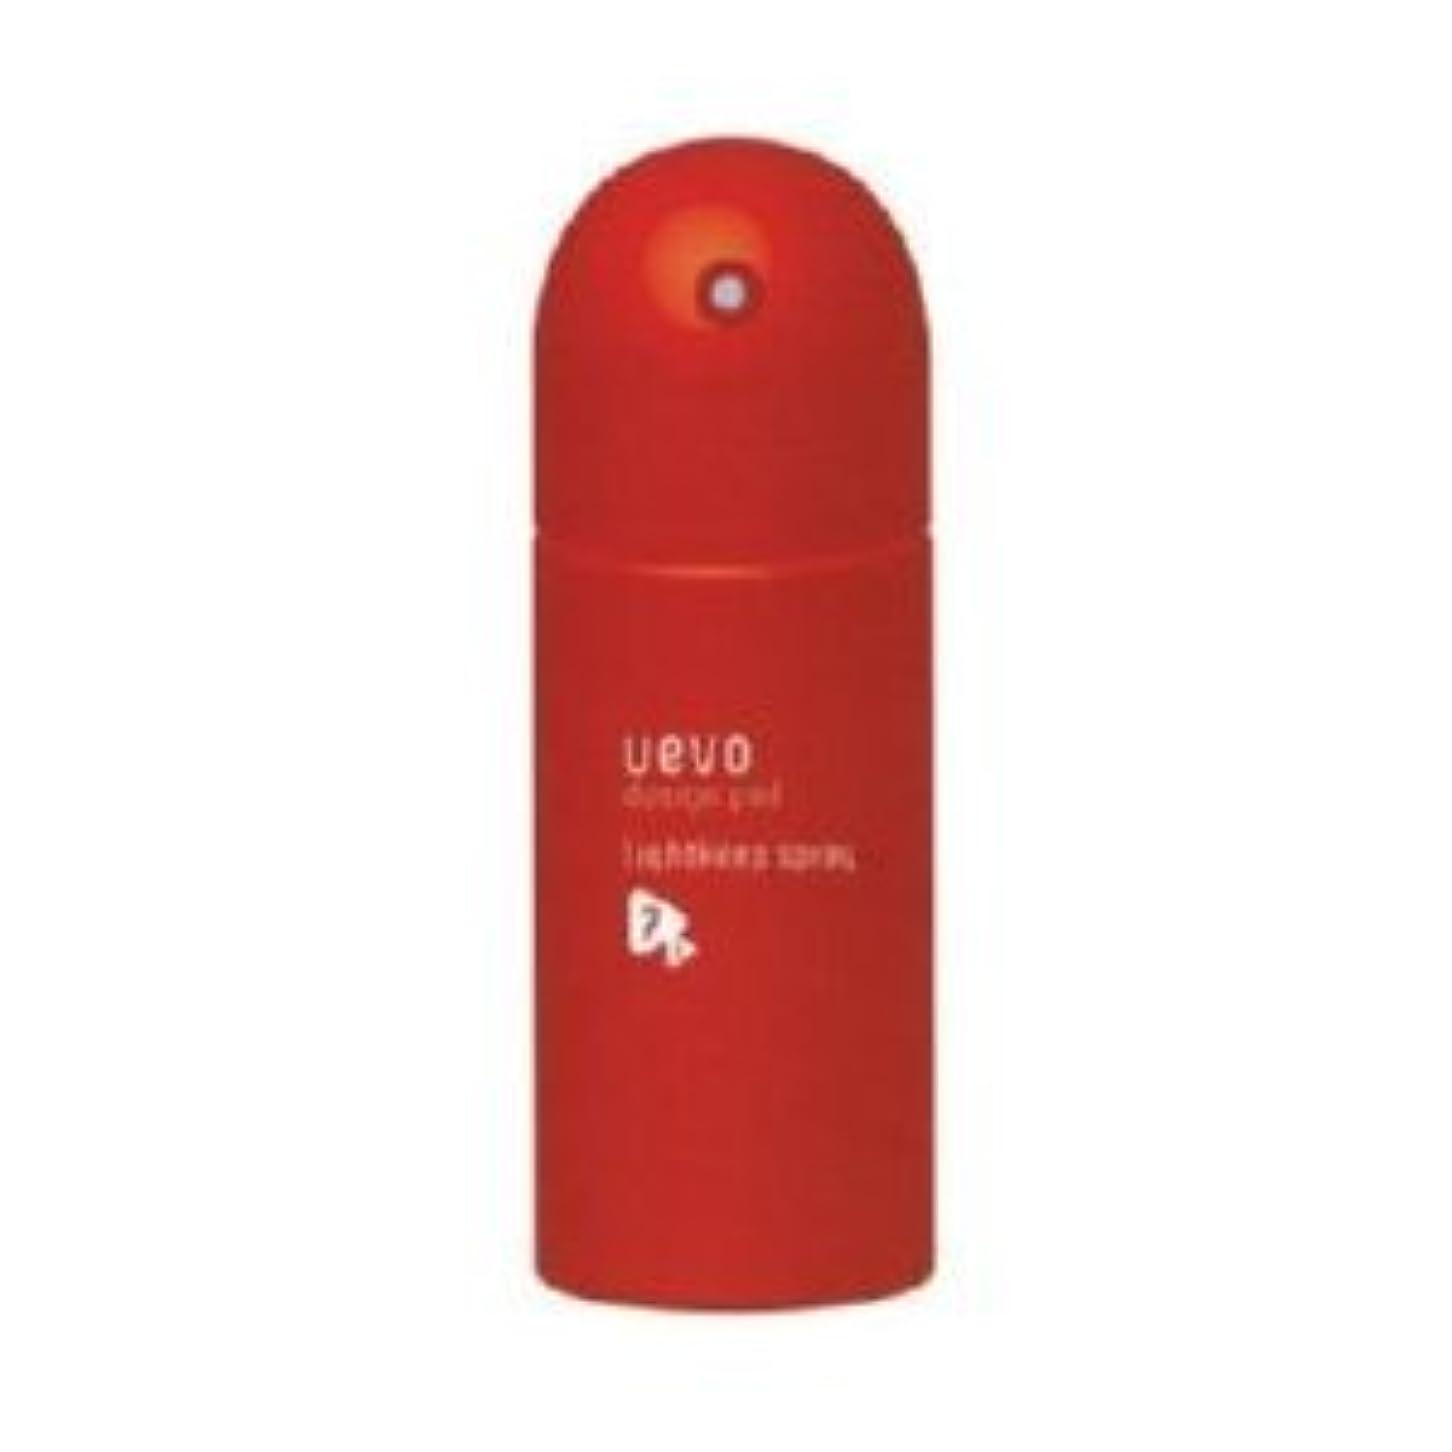 オーガニック辞任遅い【X5個セット】 デミ ウェーボ デザインポッド ライトキープスプレー 220ml lightkeep spray DEMI uevo design pod